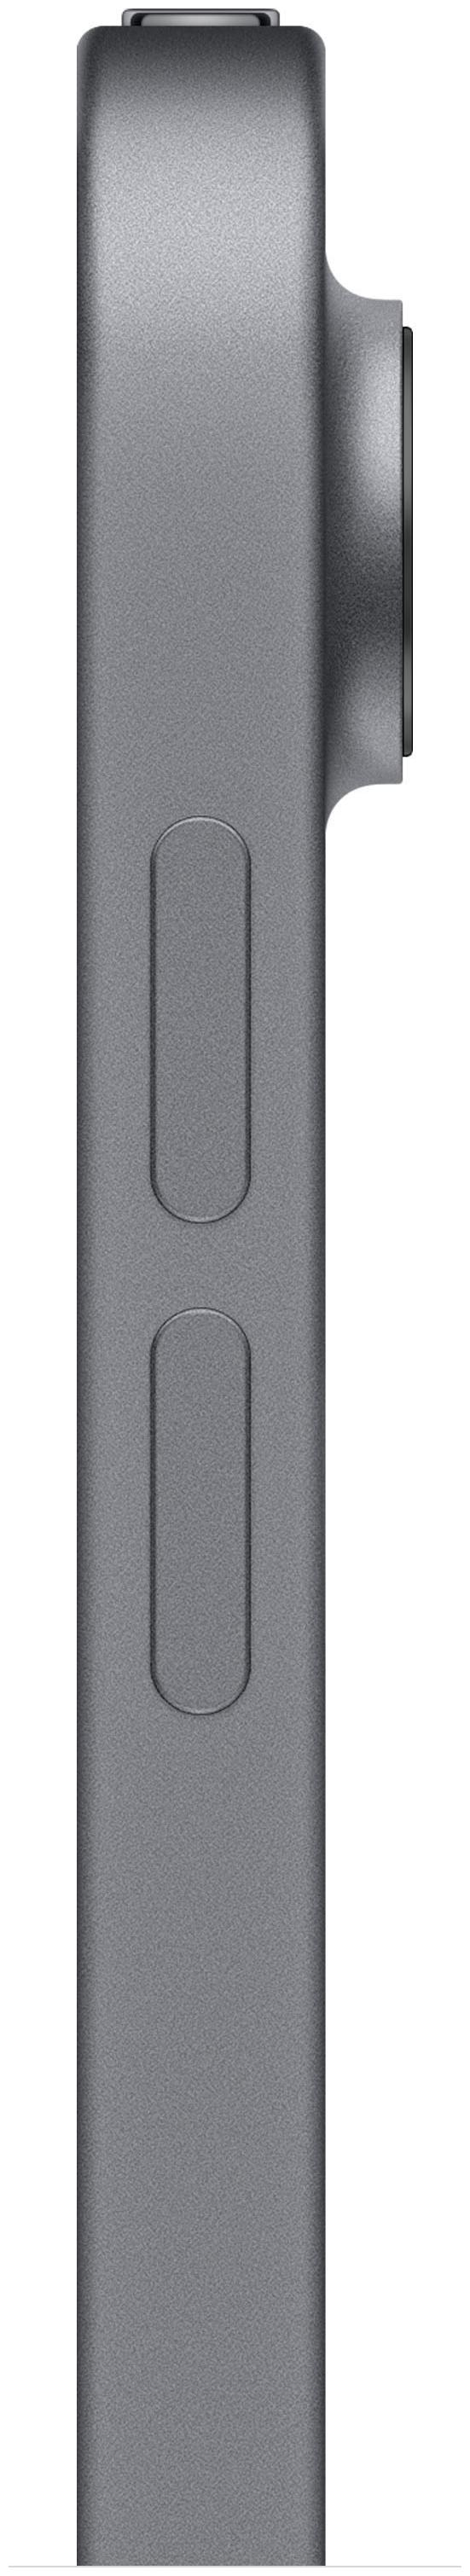 Apple iPad Air 2020 64Gb Wi-Fi - процессор: Apple A14Bionic